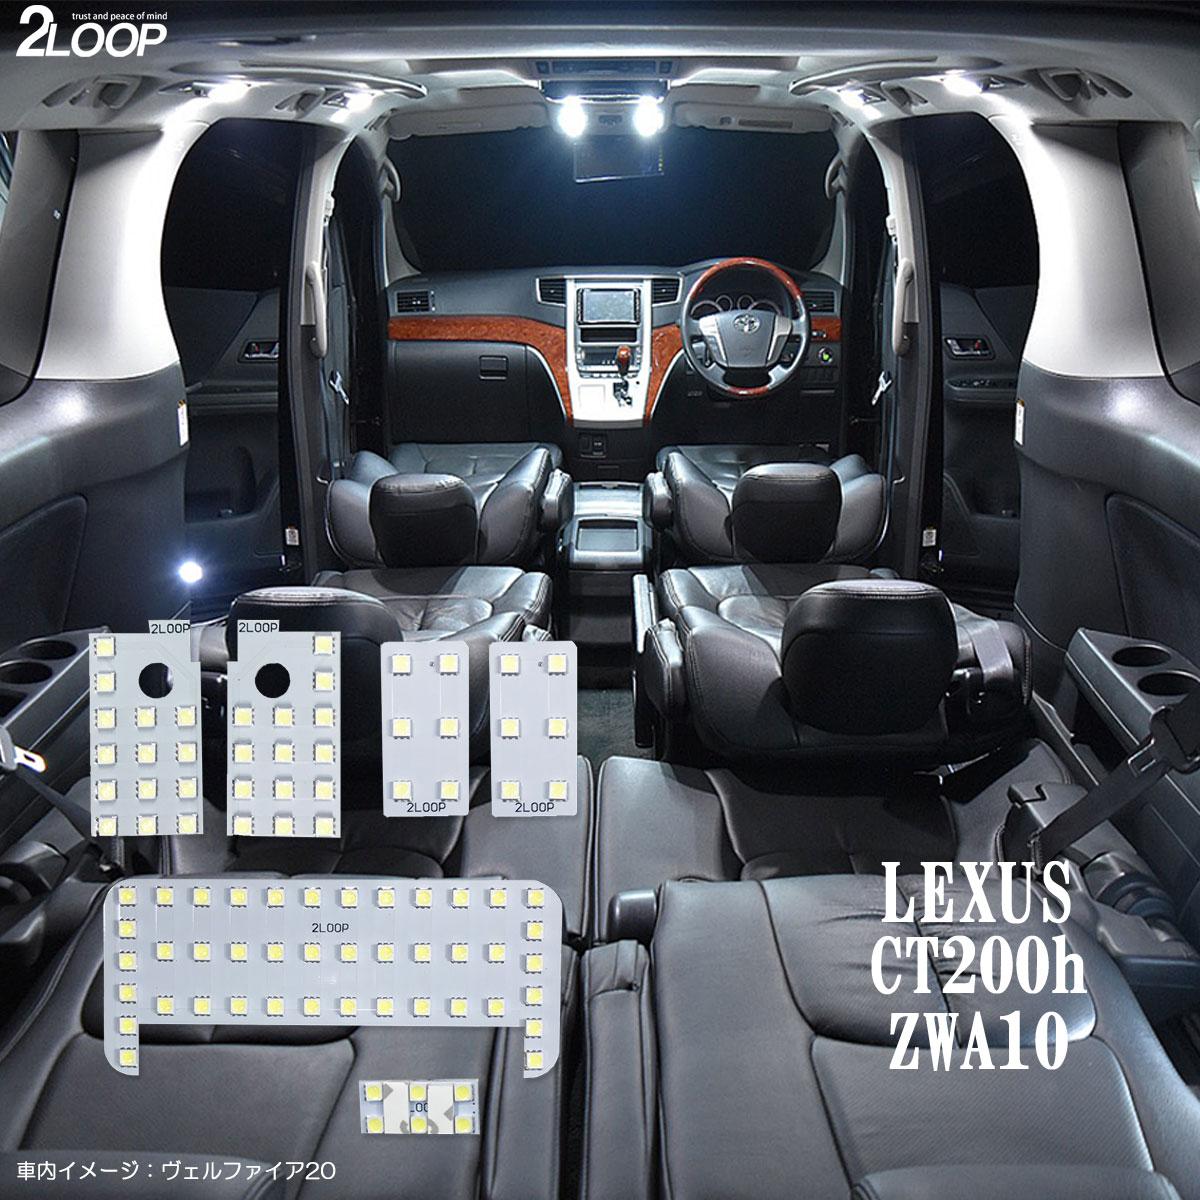 レクサス CT200h ZWA10系 LEDルームランプ 綺麗な光 車検対応 車種専用設計 6500Kクラスの 3チップSMD6点【純白光】1年保証 あす楽対象